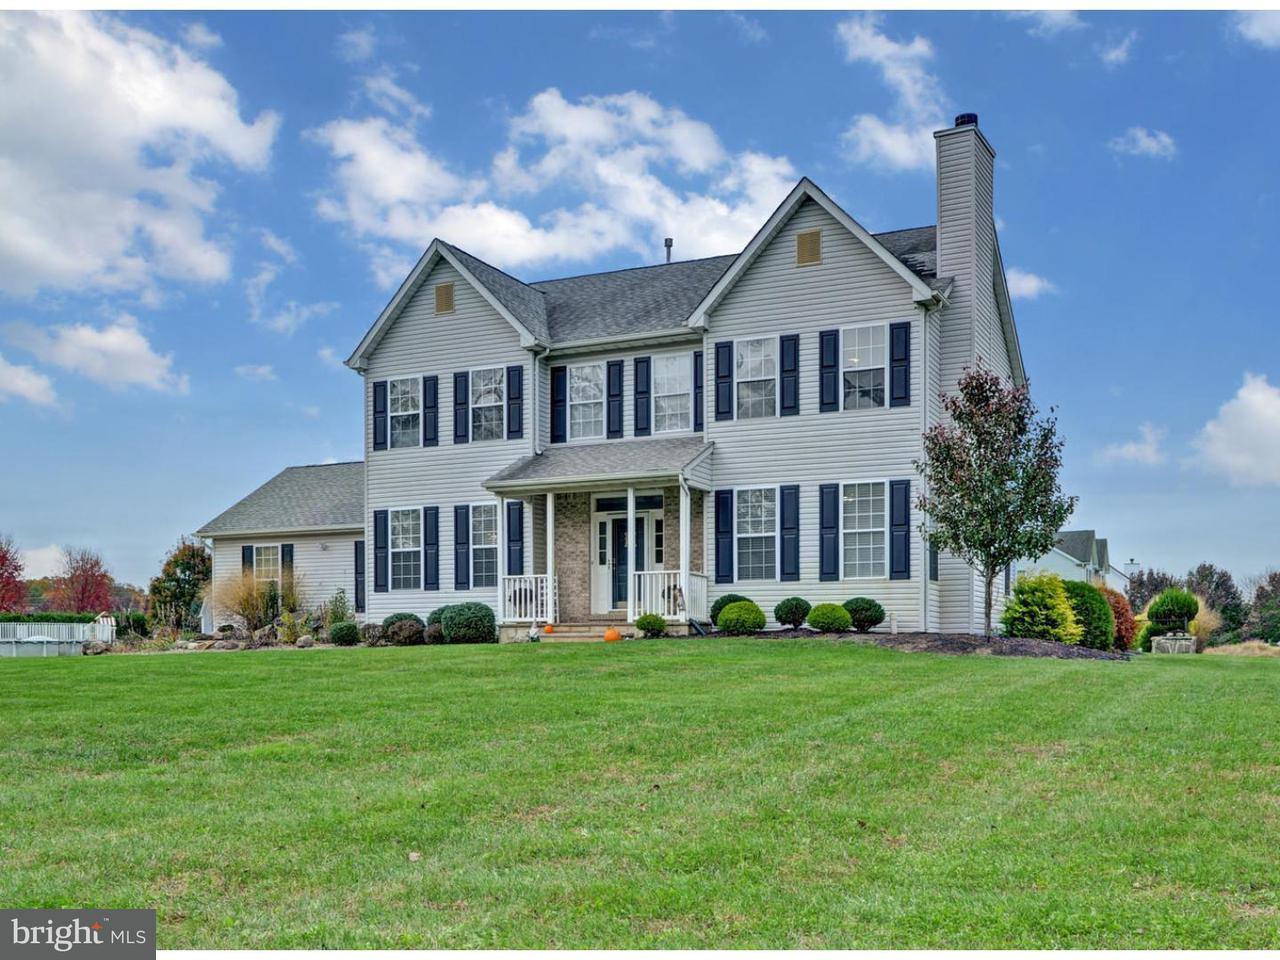 Maison unifamiliale pour l Vente à 19 HUCKLEBERRY Lane New Egypt, New Jersey 08533 États-Unis